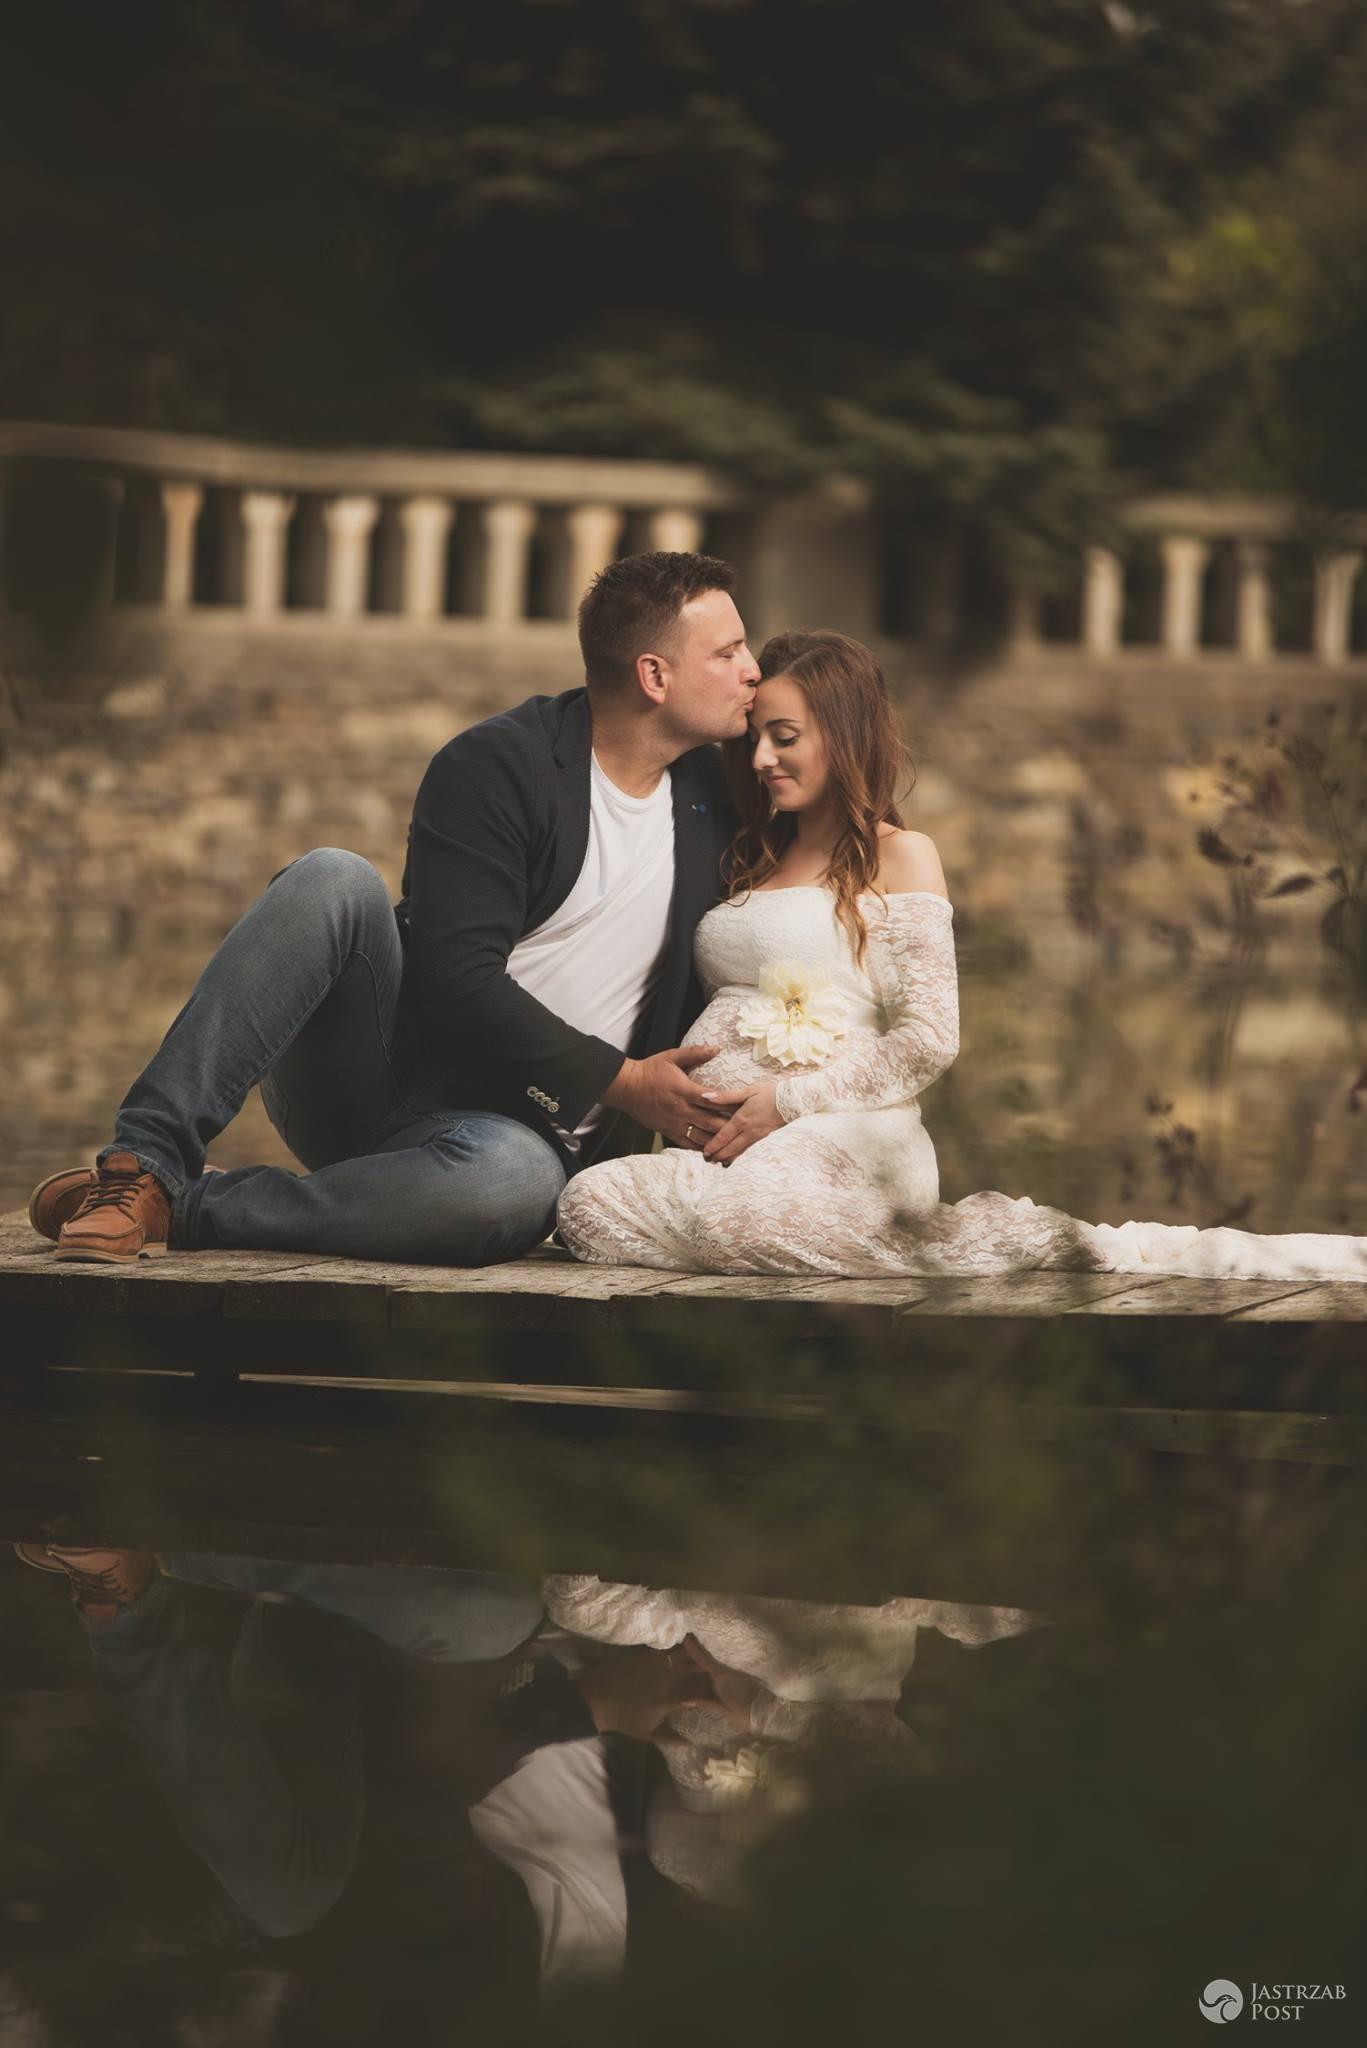 Ania i Grzesiek z Rolnik szuka żony w ciąży